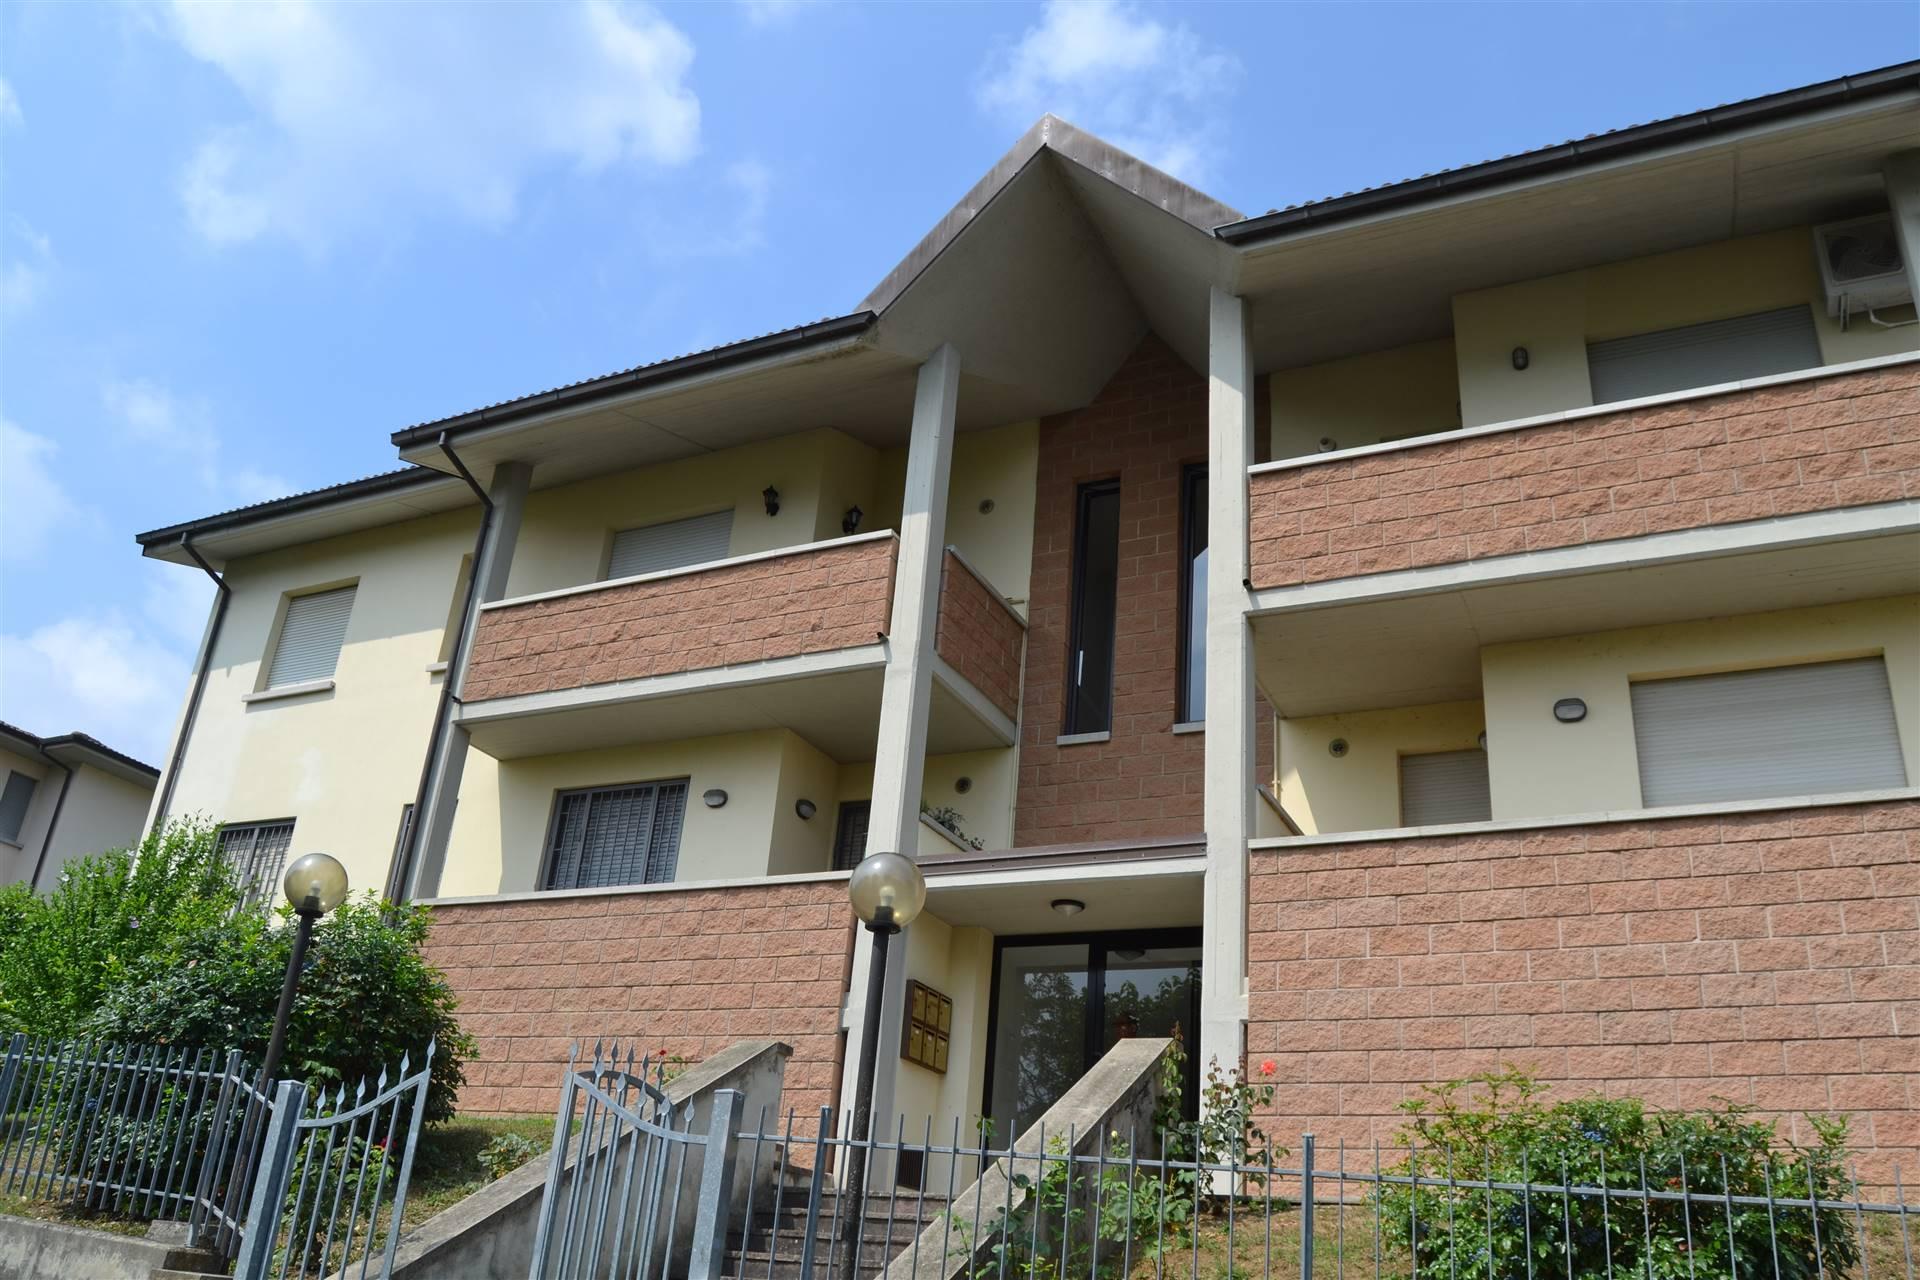 Appartamento in vendita a Grizzana Morandi, 6 locali, zona Zona: Pian di Setta, prezzo € 135.000 | CambioCasa.it